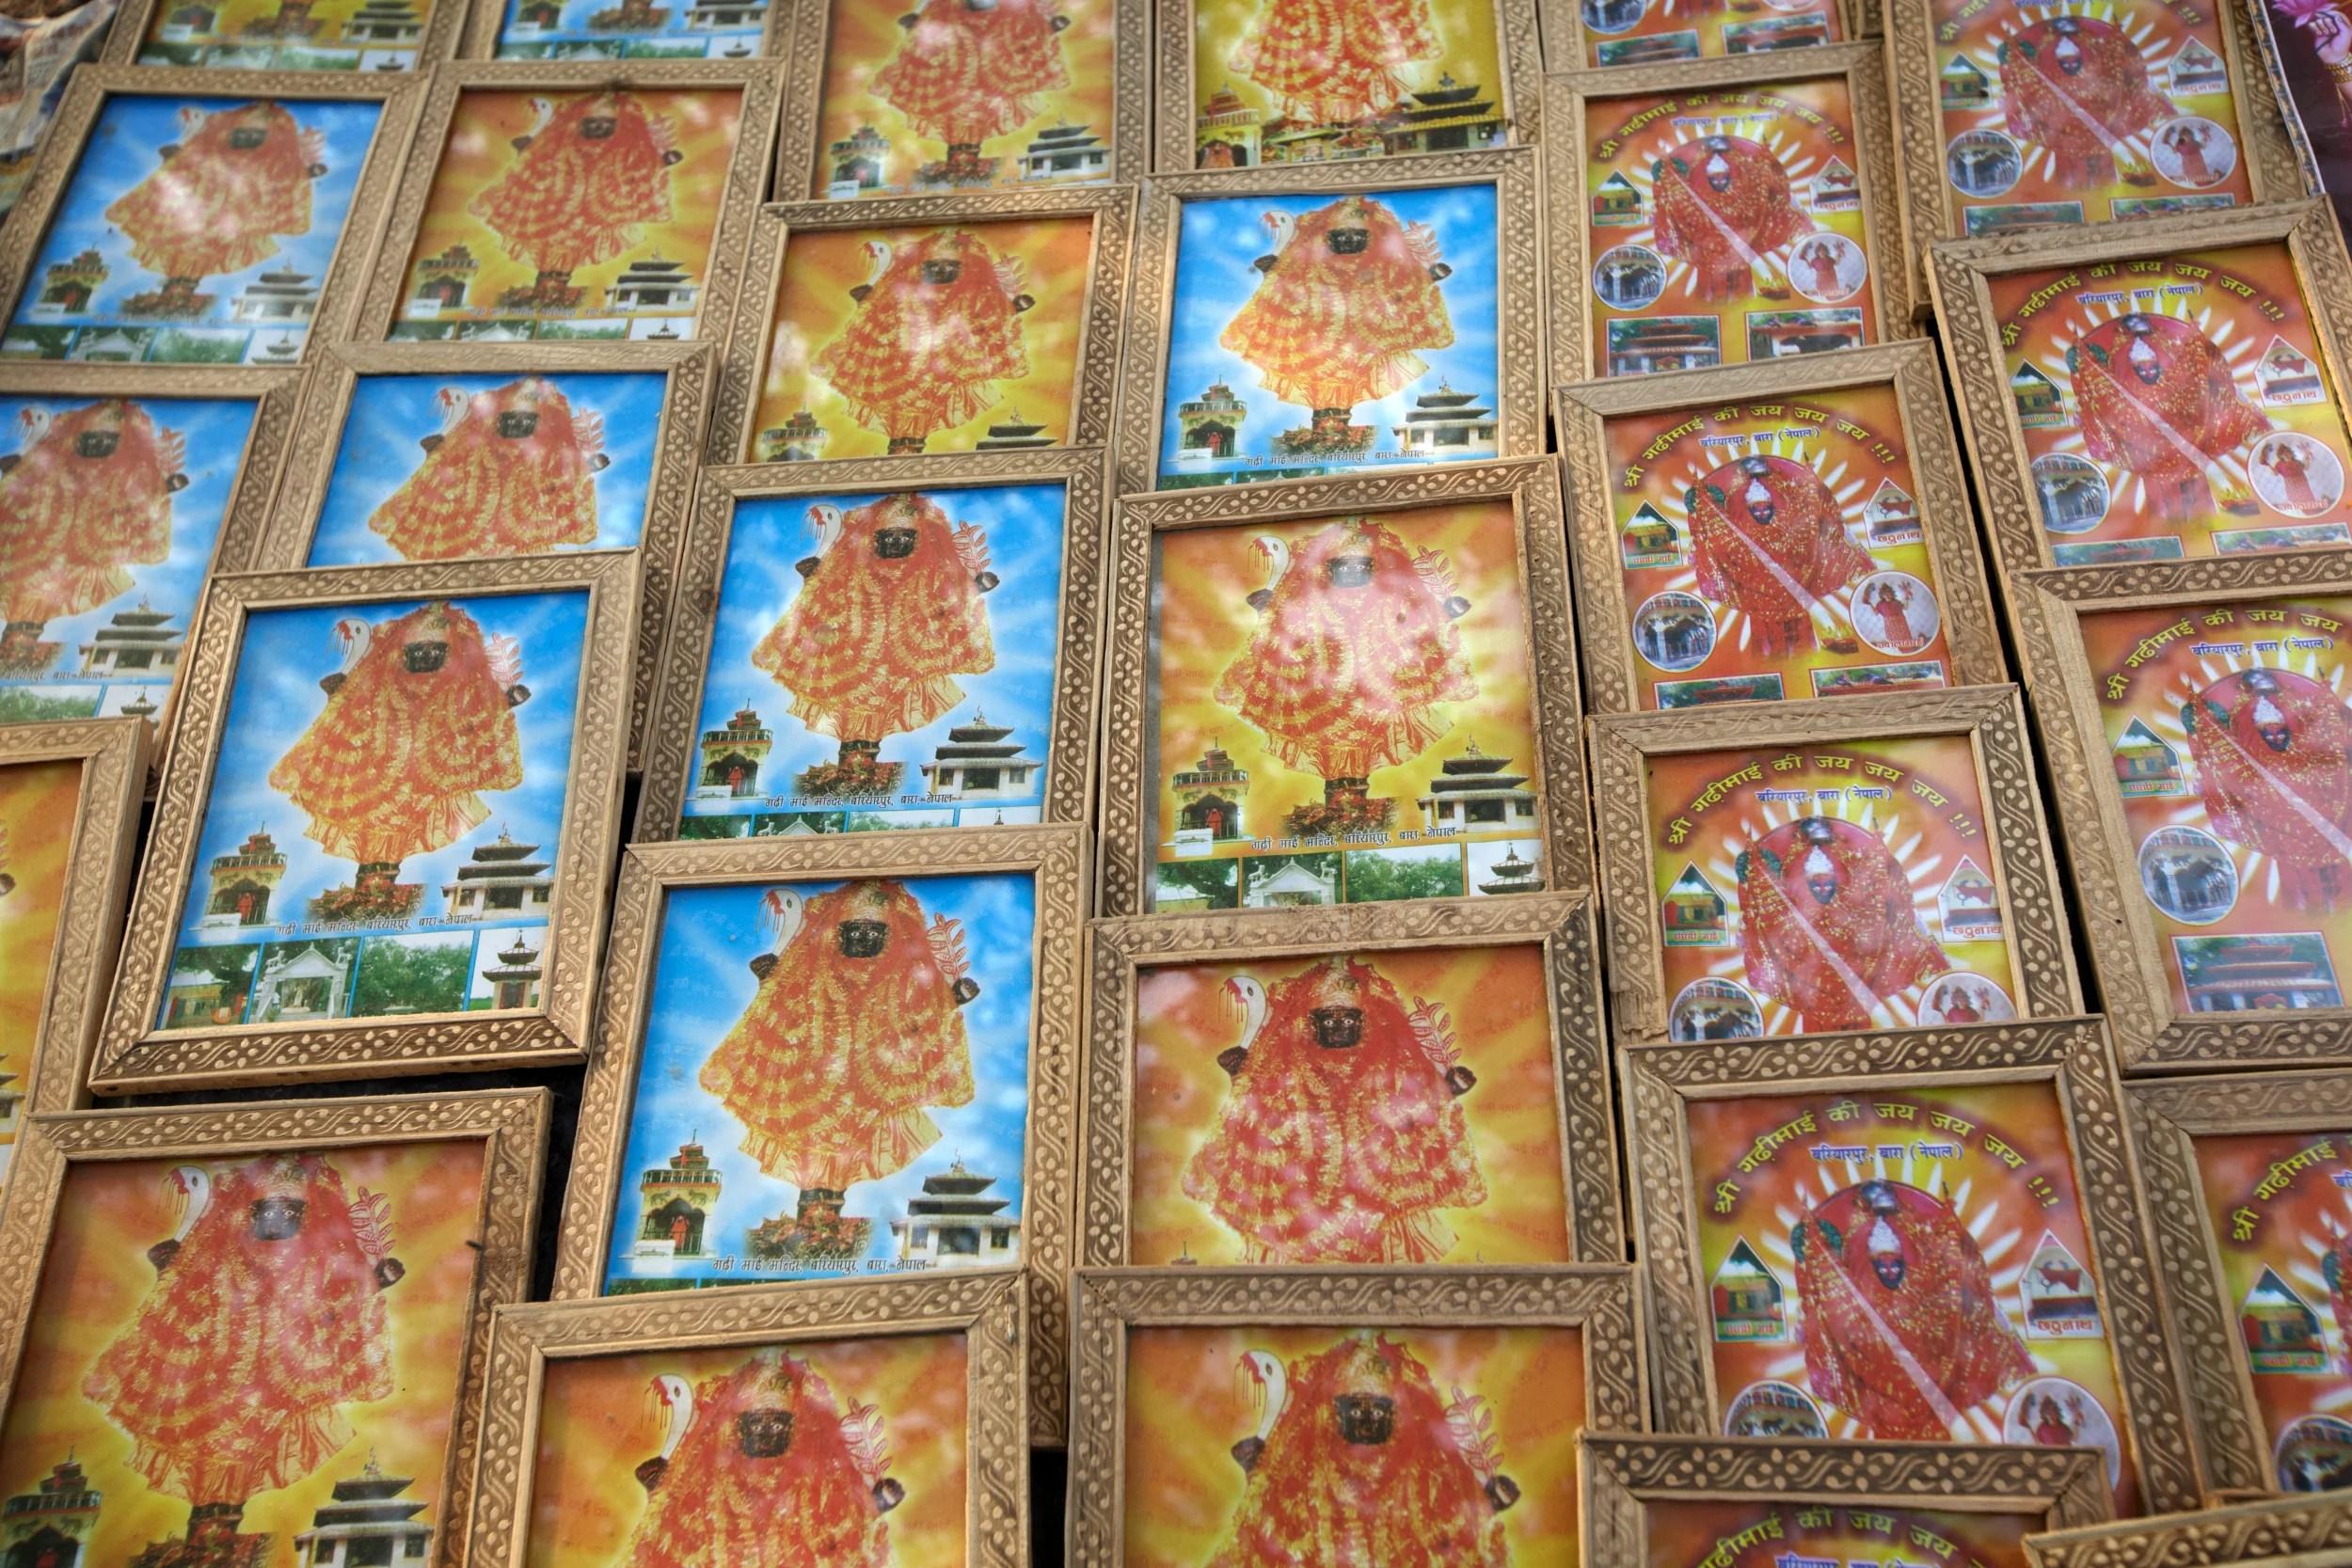 Gadhimai images